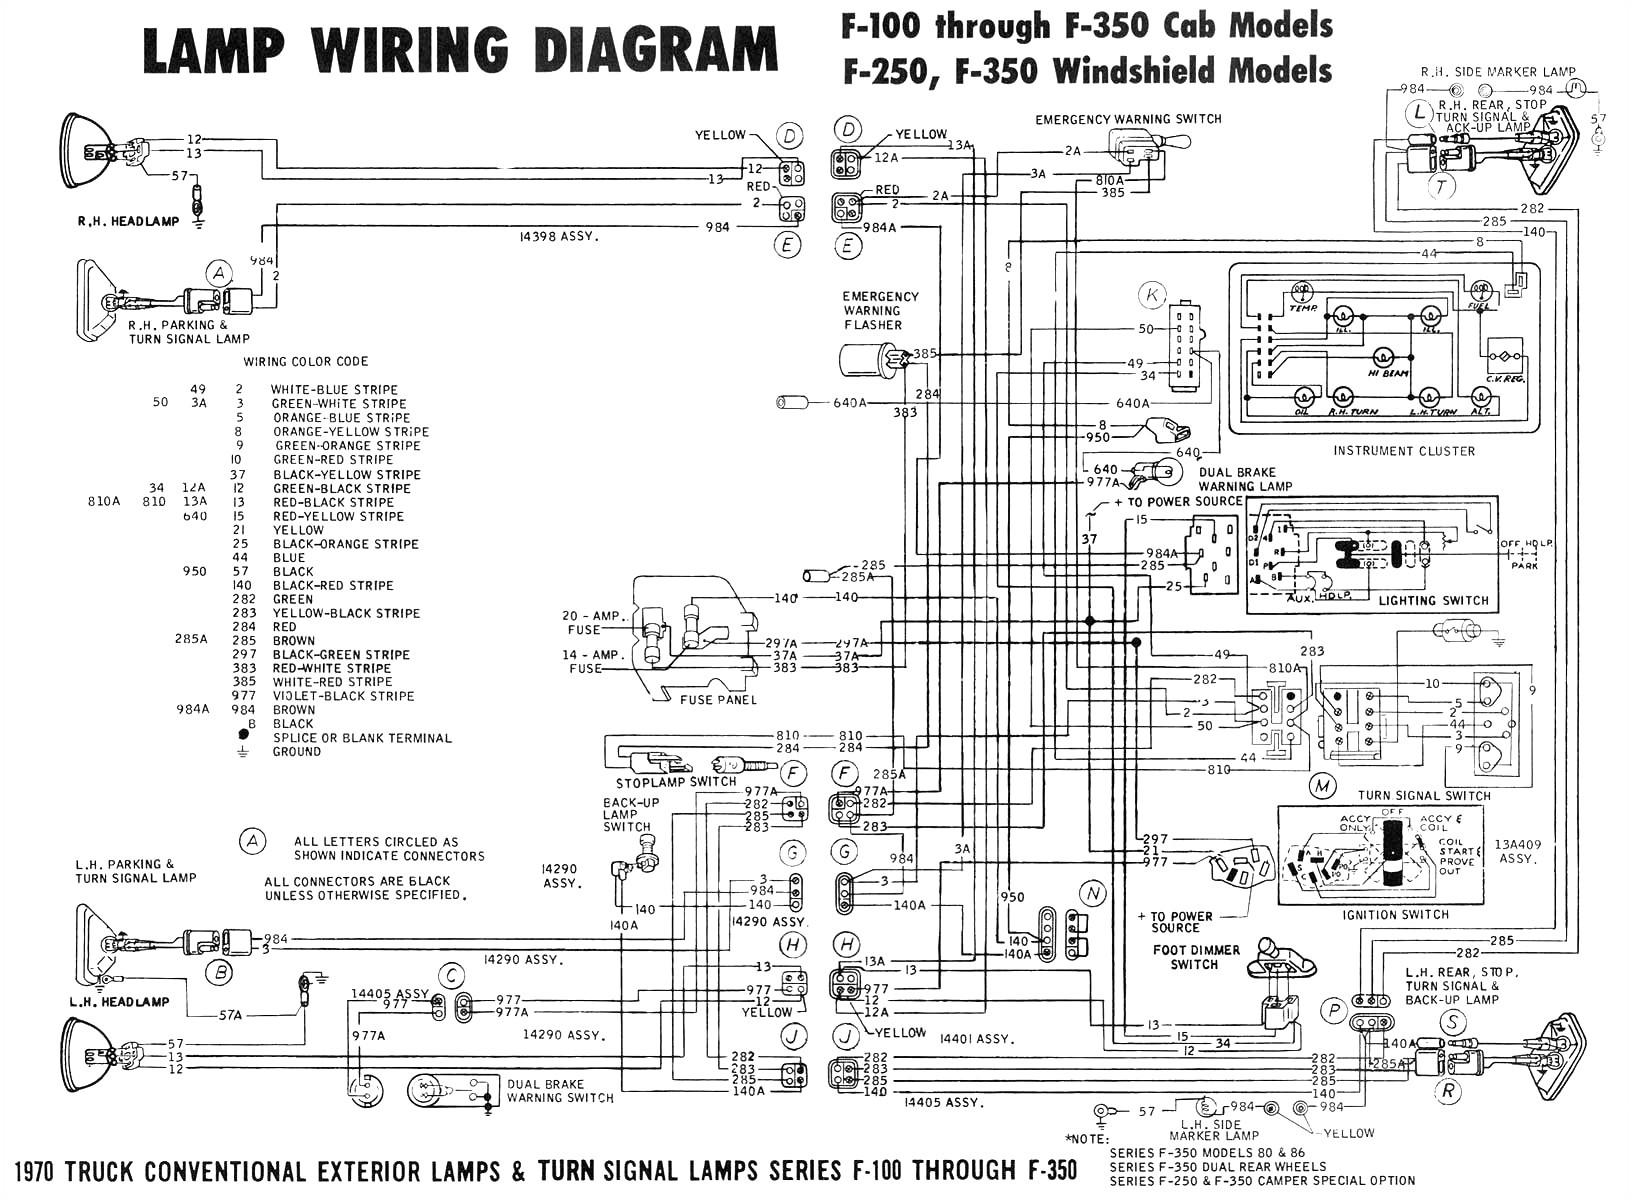 2002 f150 trailer wiring diagram schematic wiring diagram database 2002 ford truck wiring diagram schema diagram